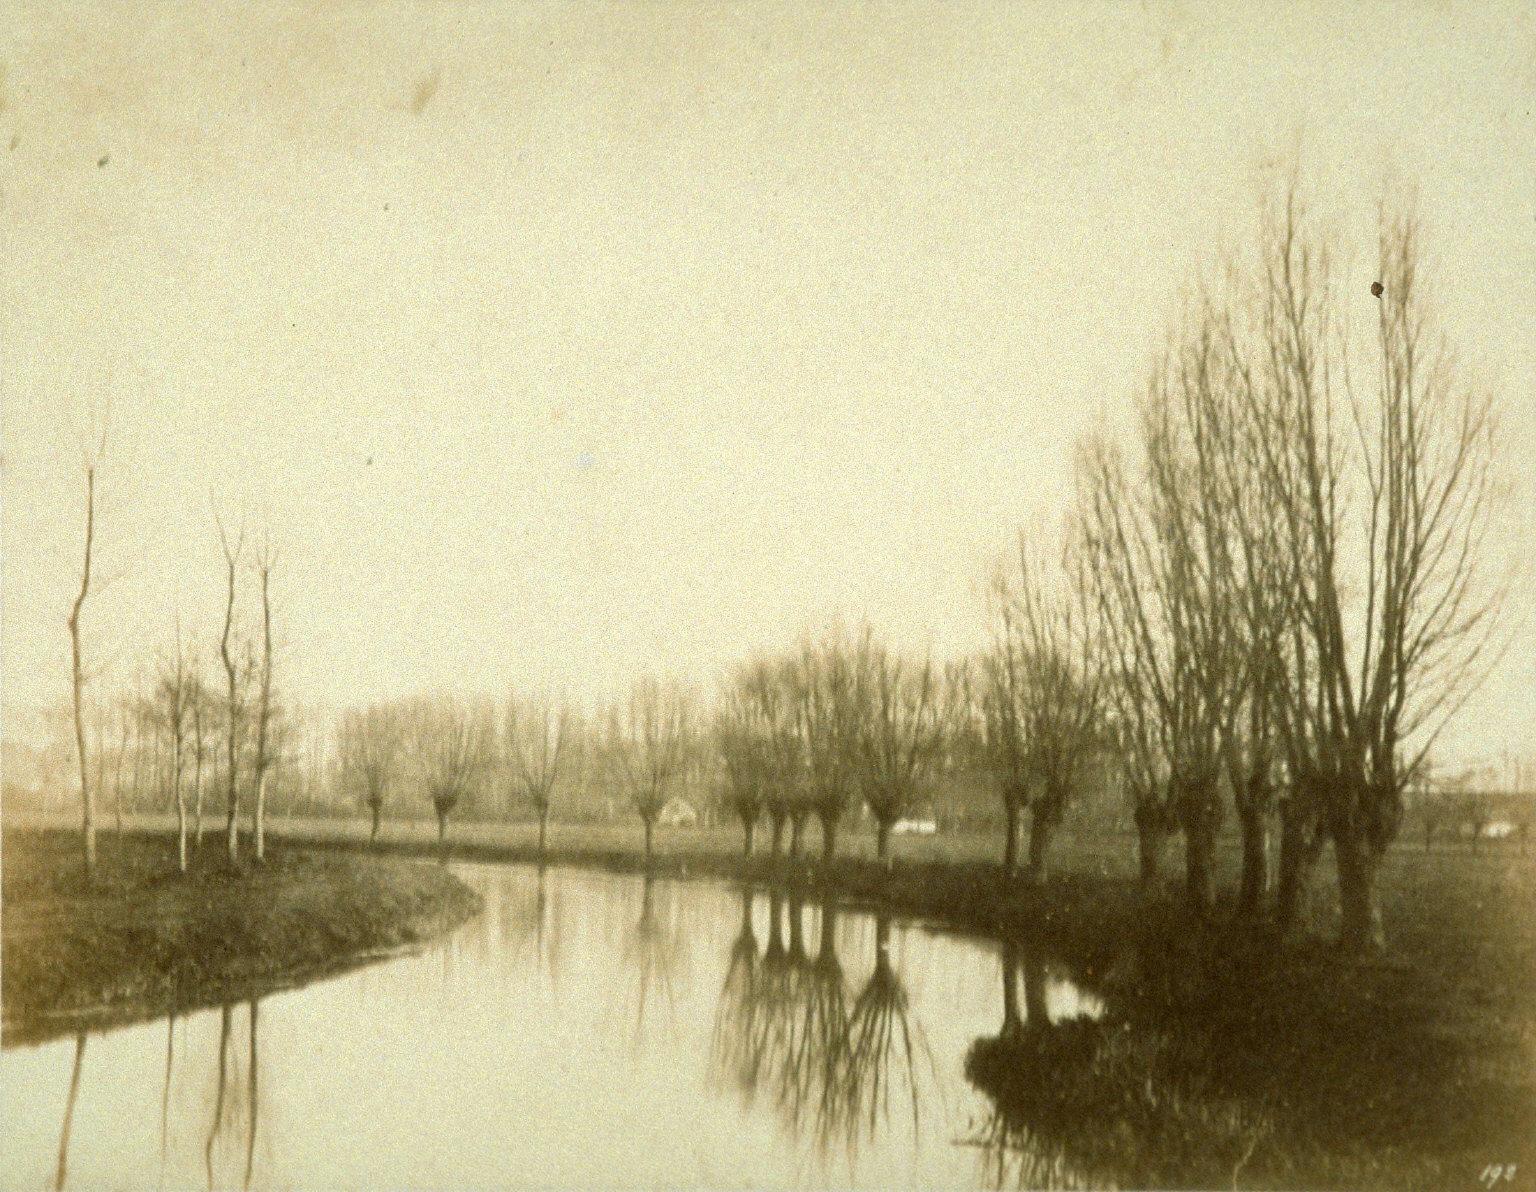 Paysage de la rivière (River Landscape)